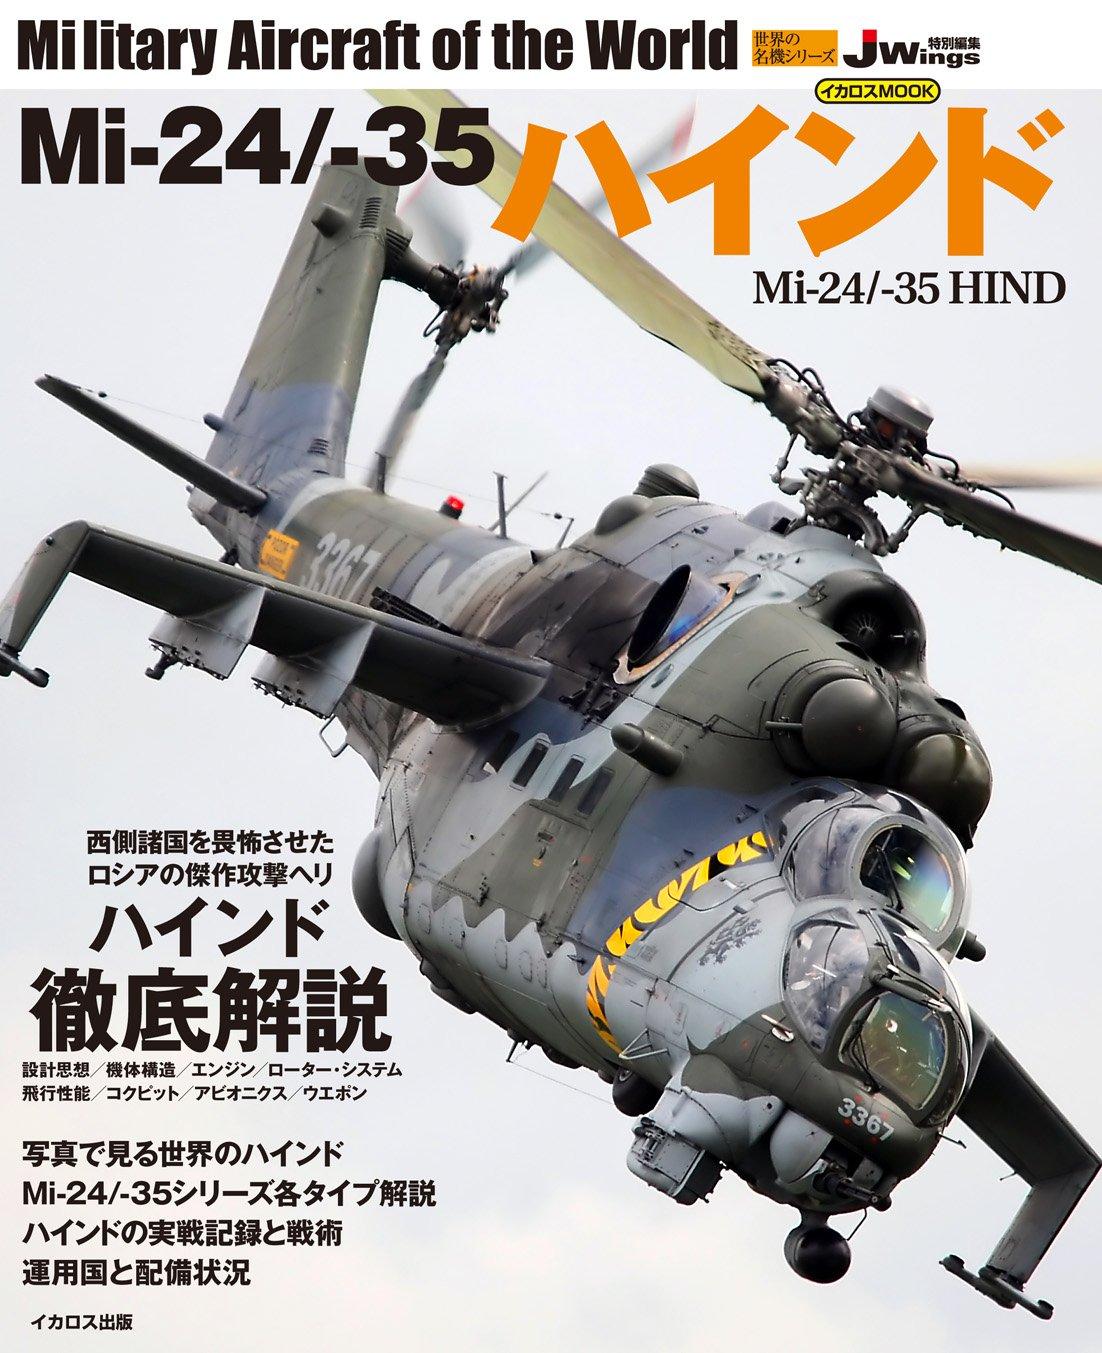 Mi-24/-35ハインド (世界の名機...